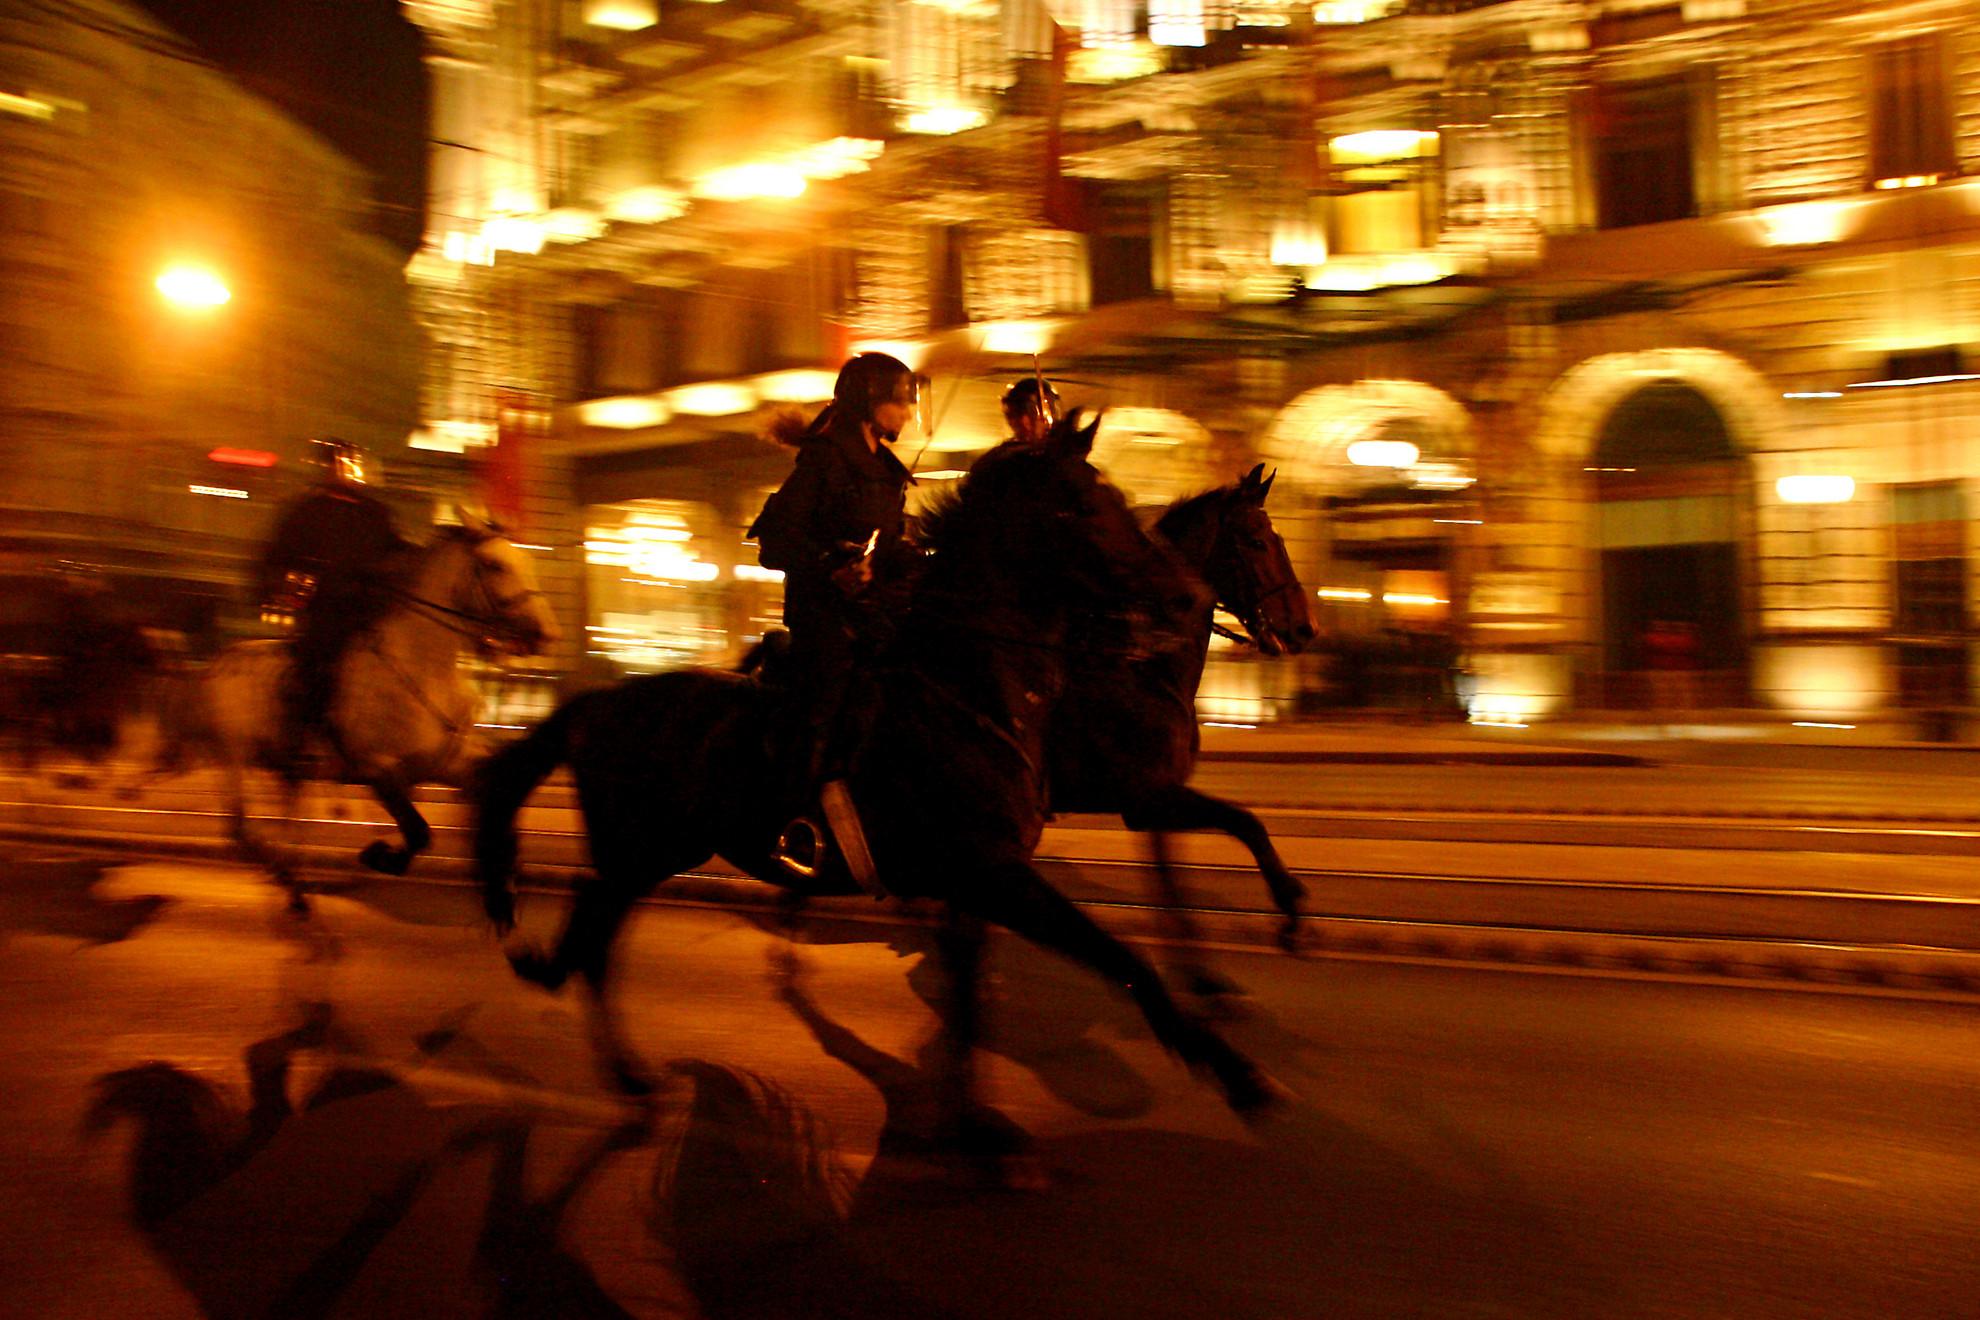 Az évforduló legvéresebb eseménye az volt, amikor a Deák téren és az Astoria környékén a Fidesz ünnepi megemlékezésén részt vevő több tízezres tömegre lovasrohamot vezényeltek